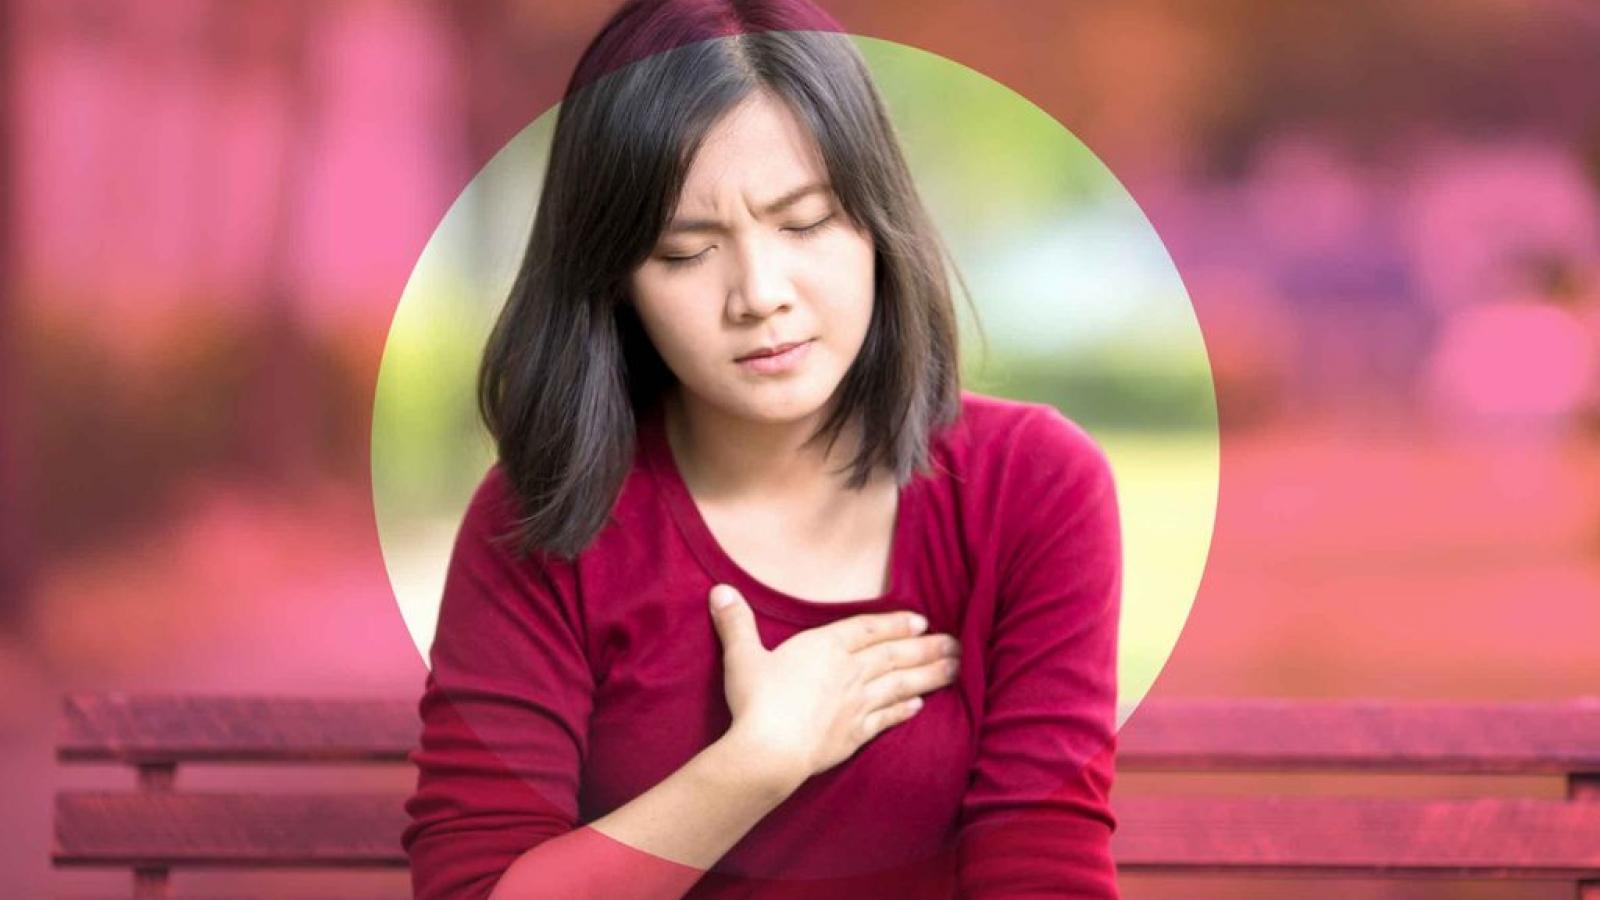 10 nguyên nhân gây đau tức bầu ngực